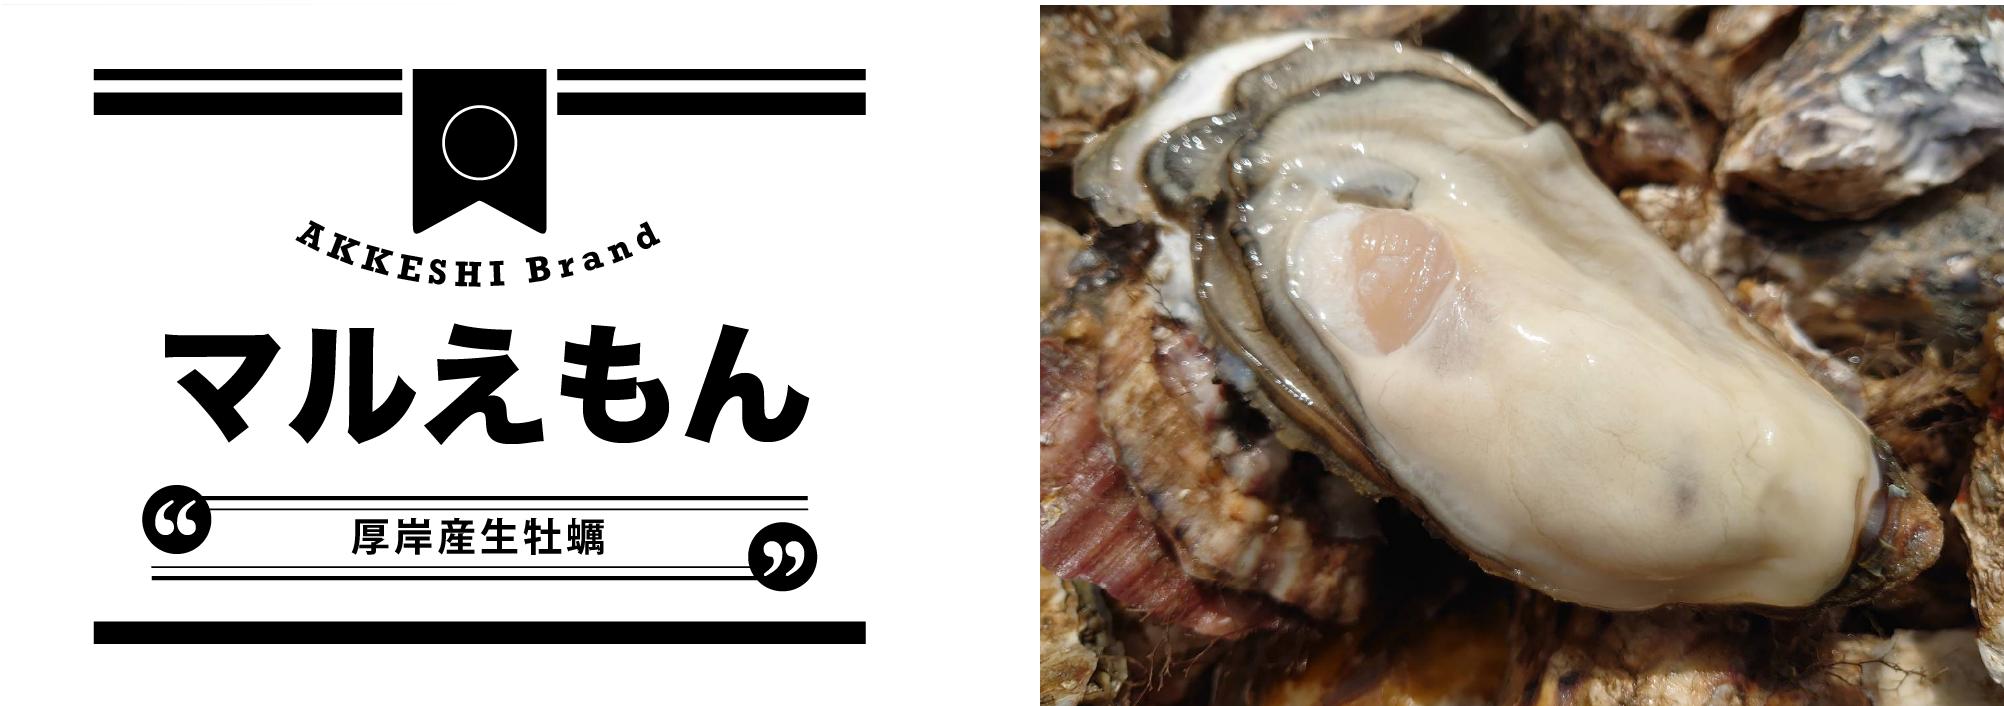 厚岸産生牡蠣マルえもん